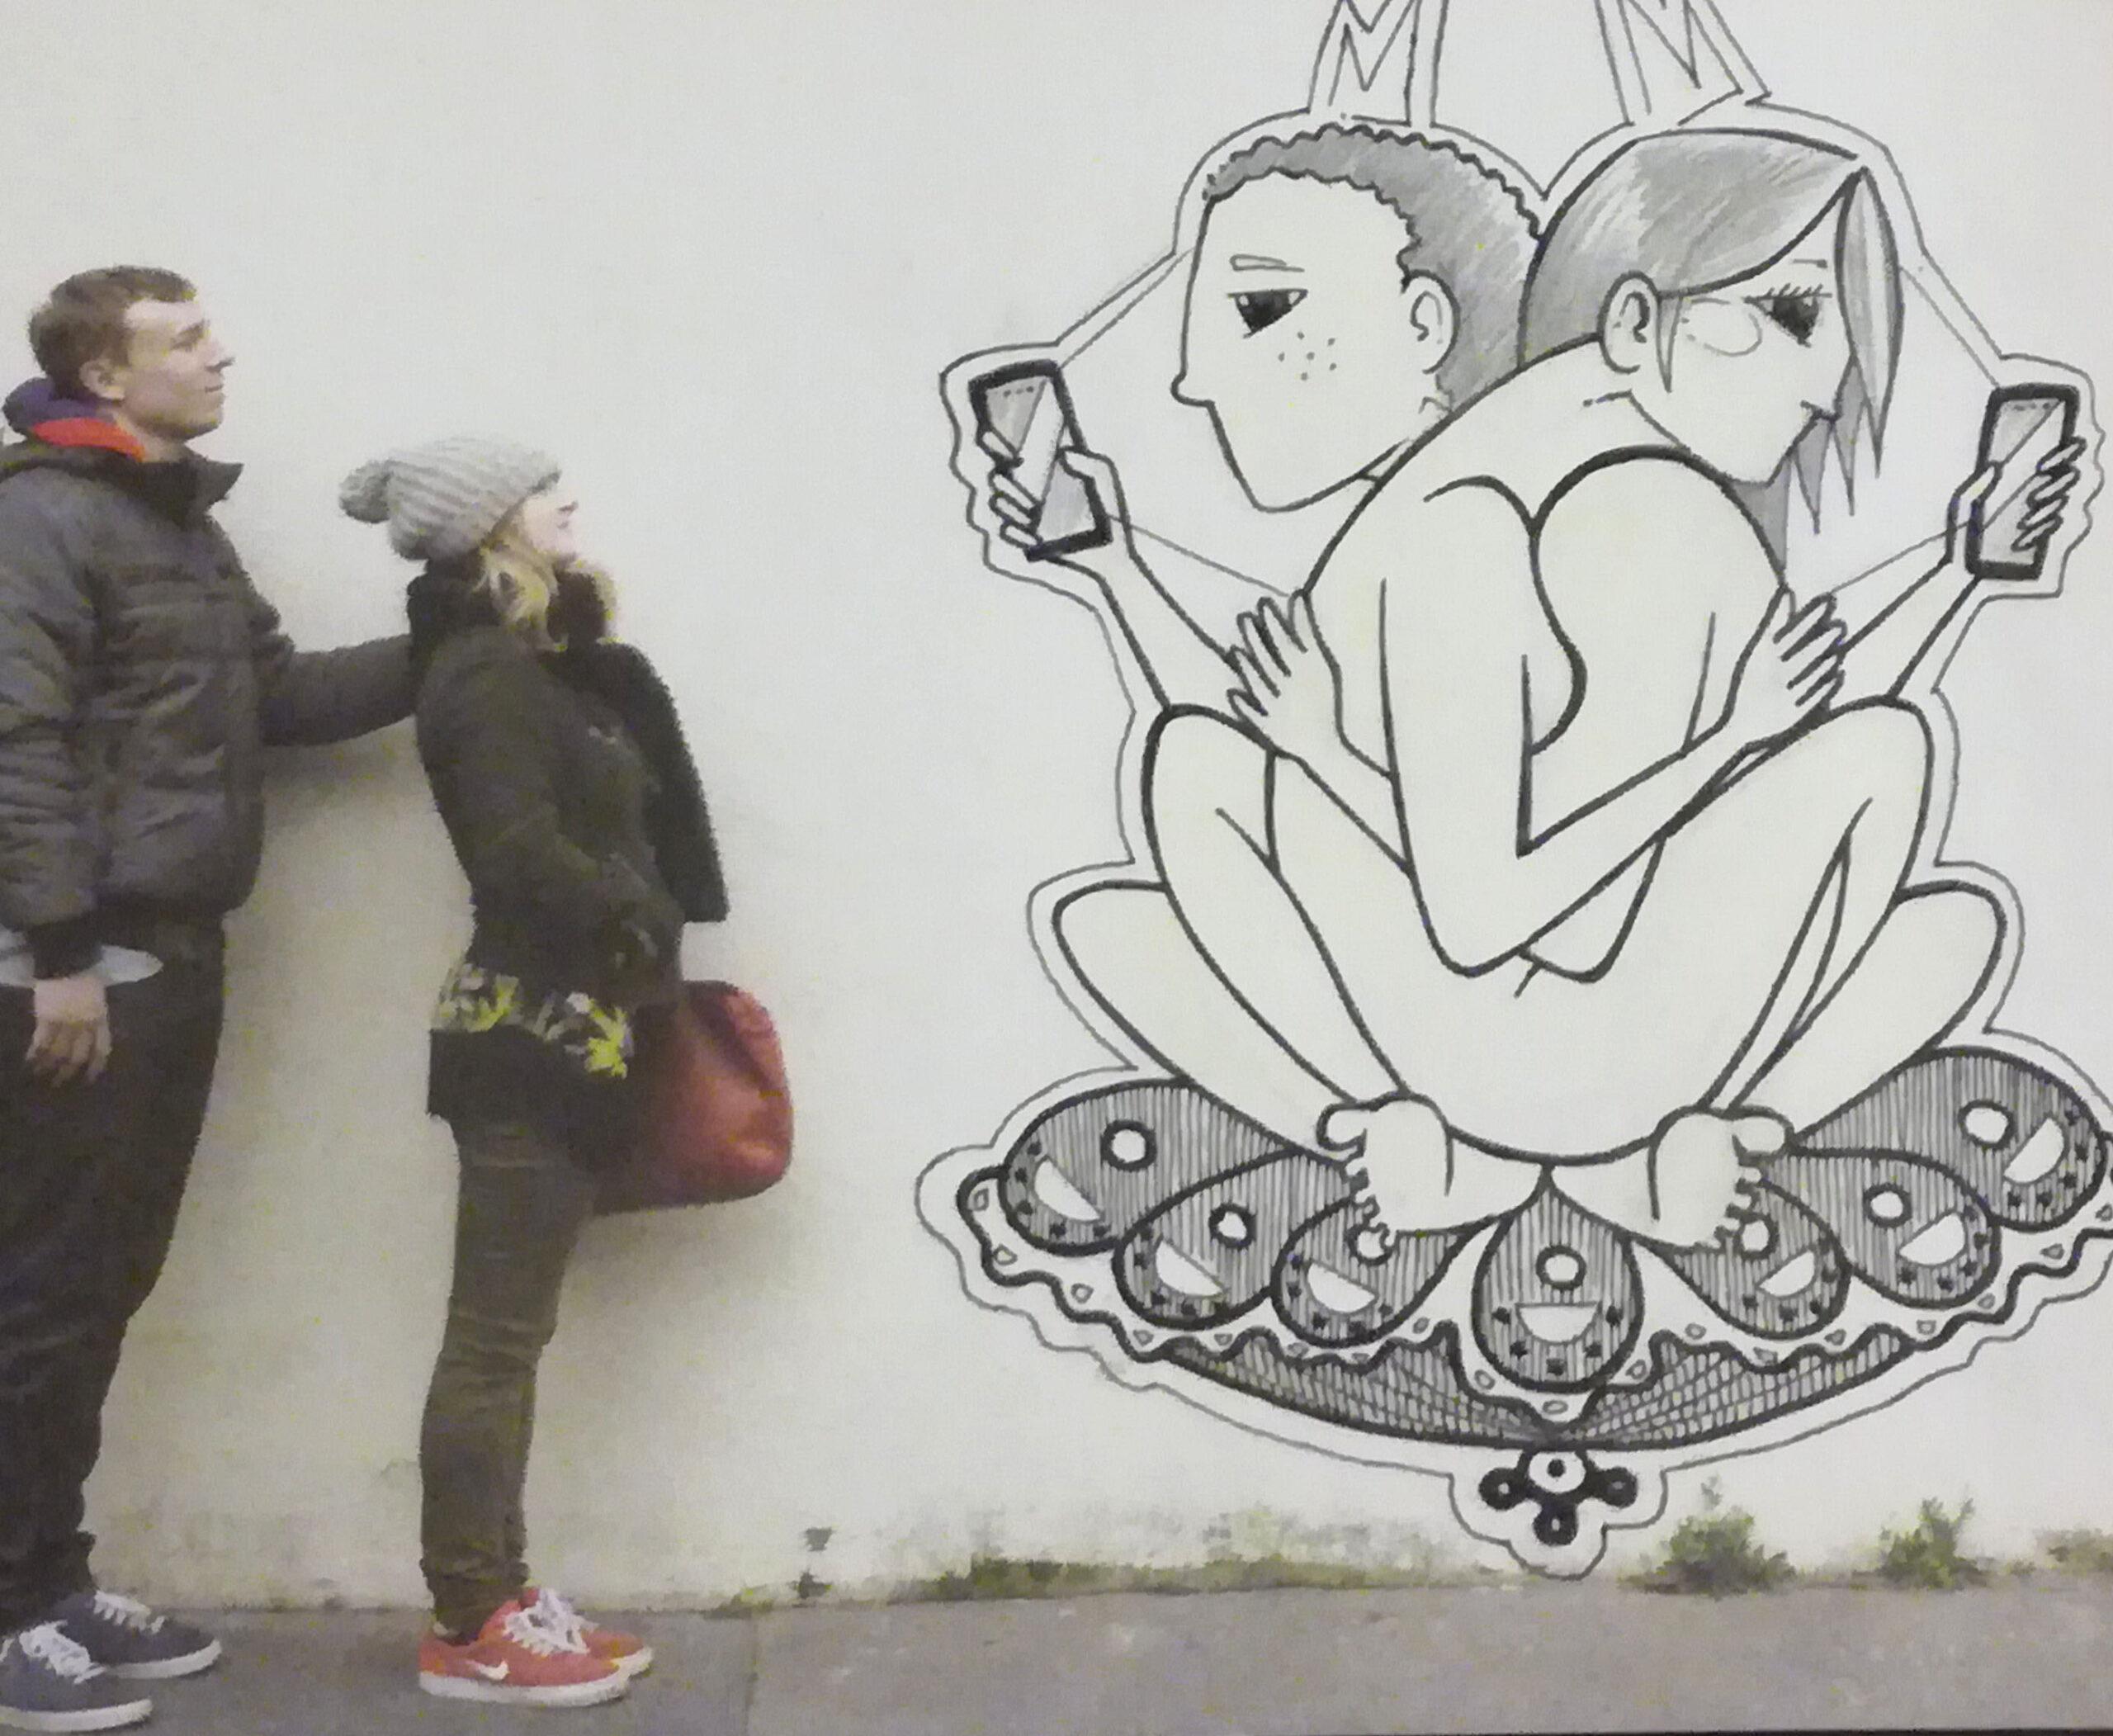 reflexion - vie de couple abys illustration - crosuis sexualité contemporaine